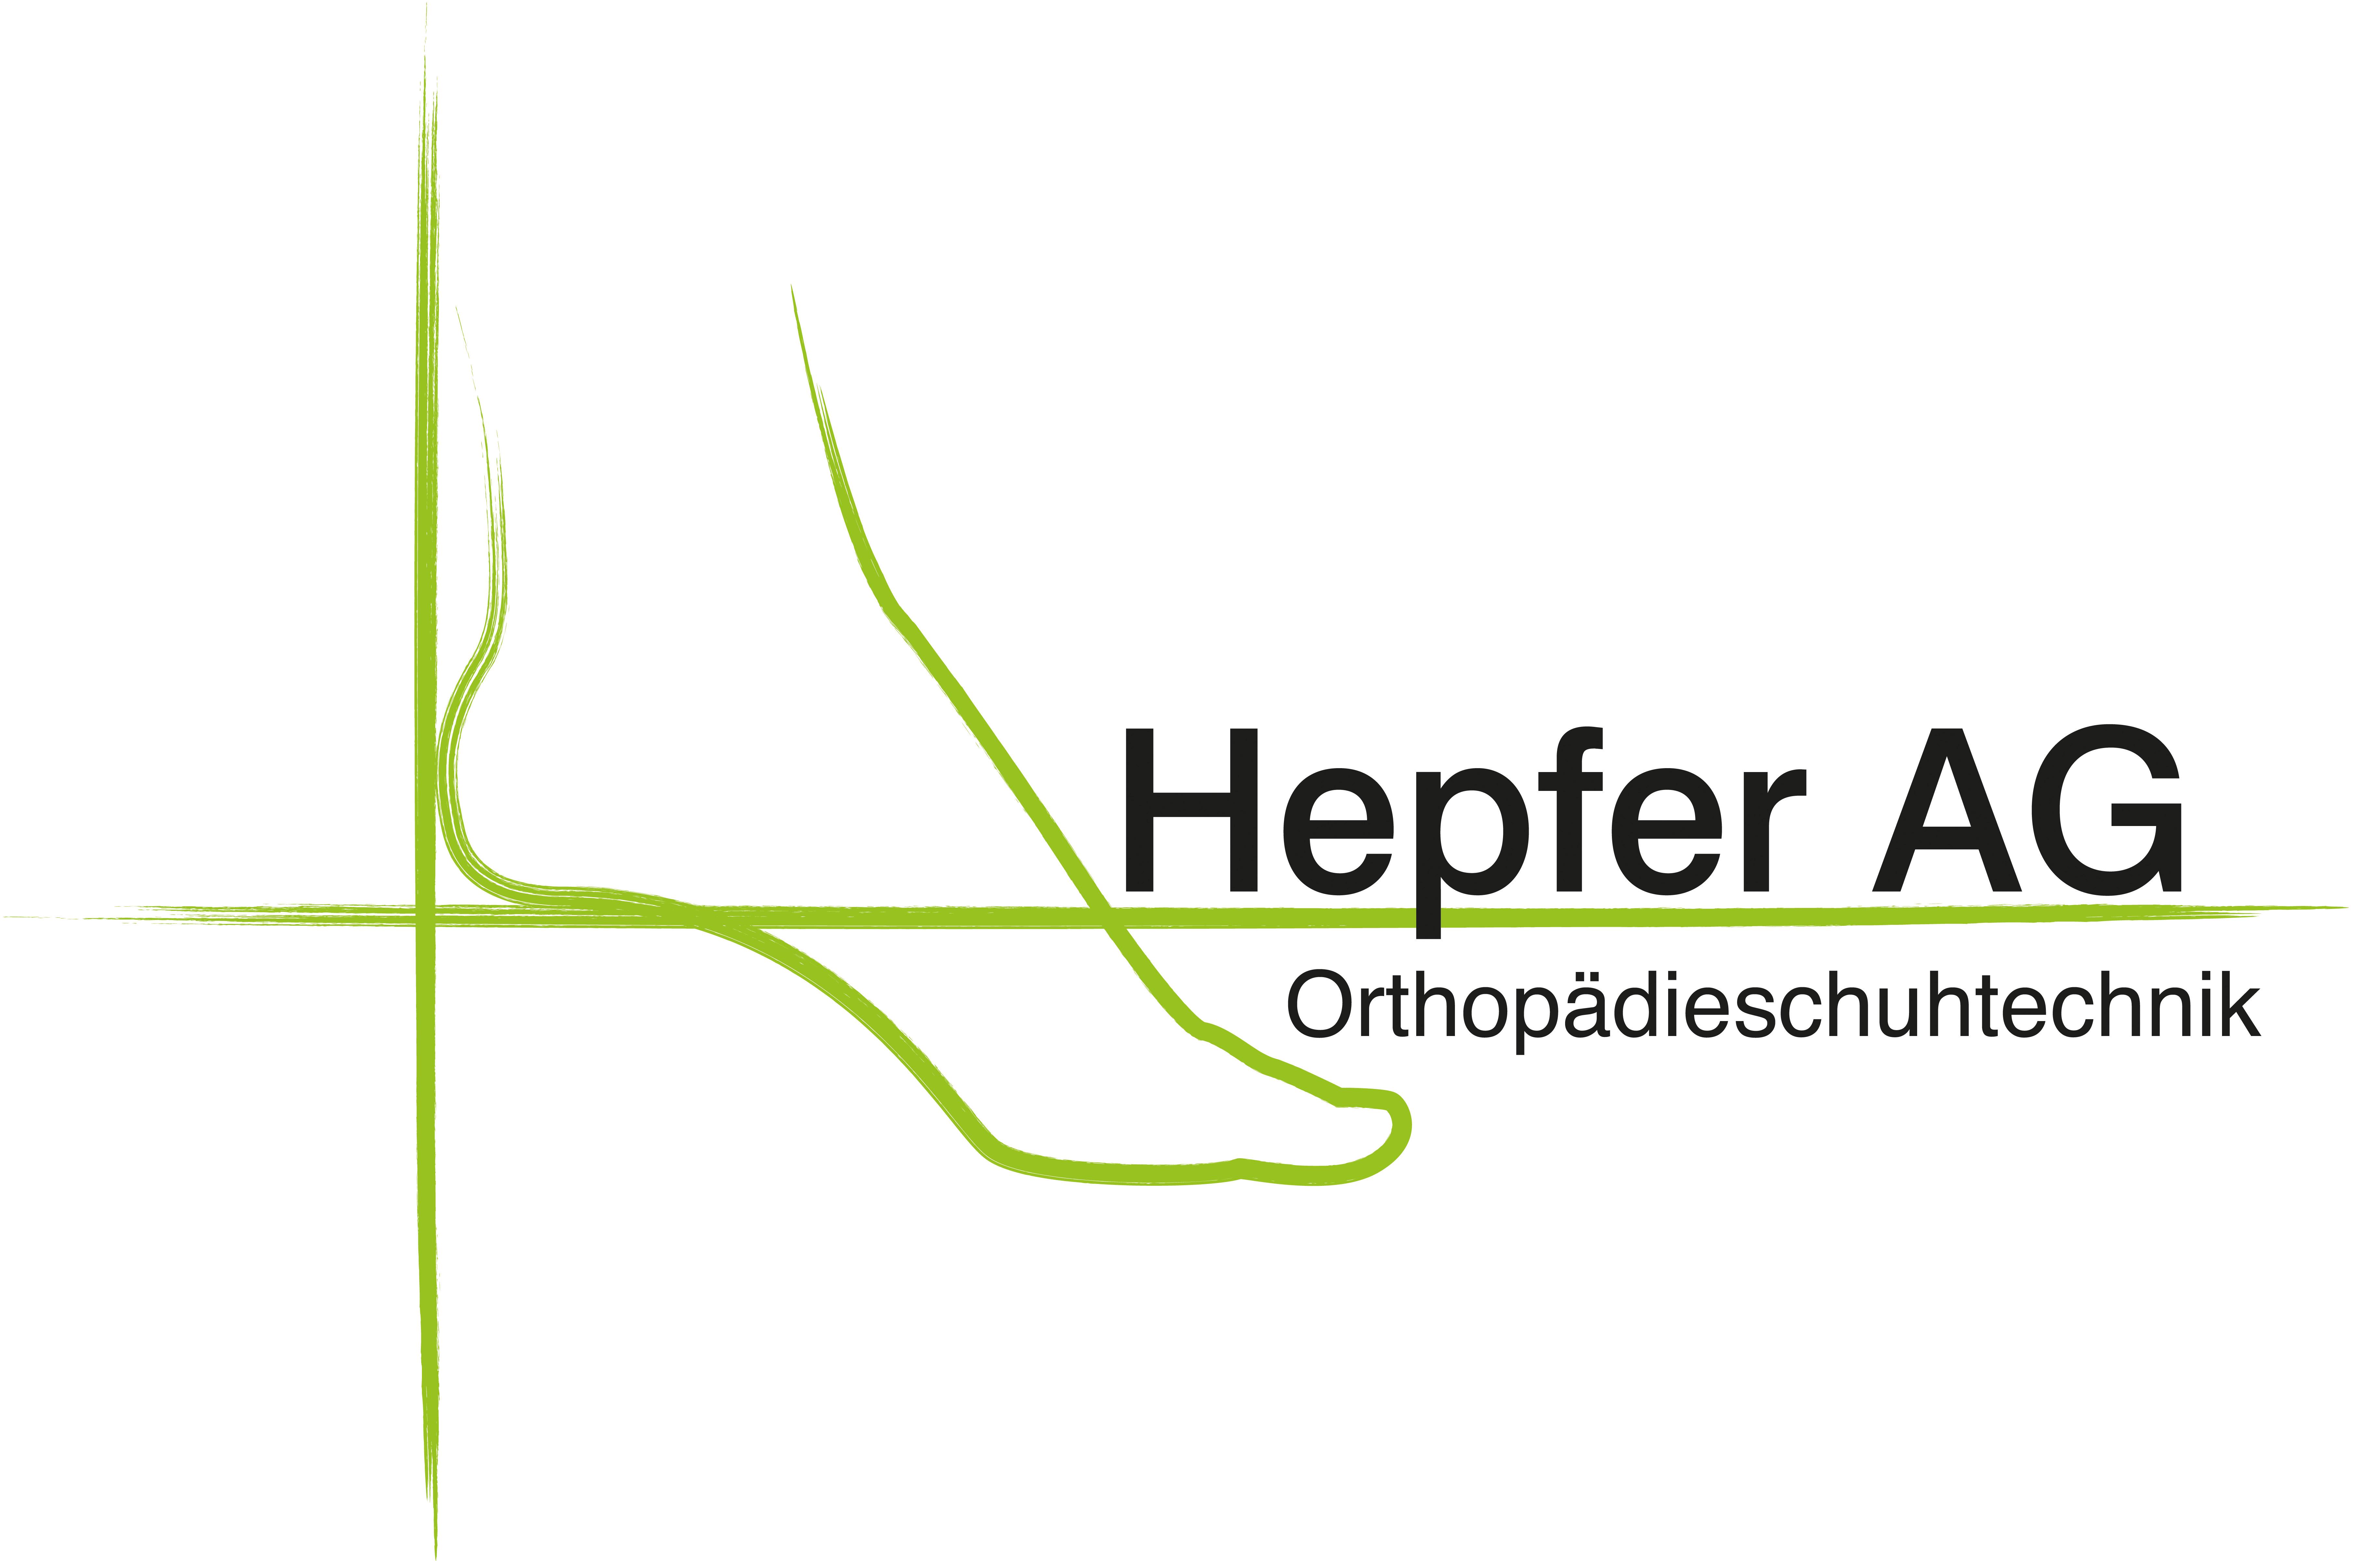 Hepfer AG